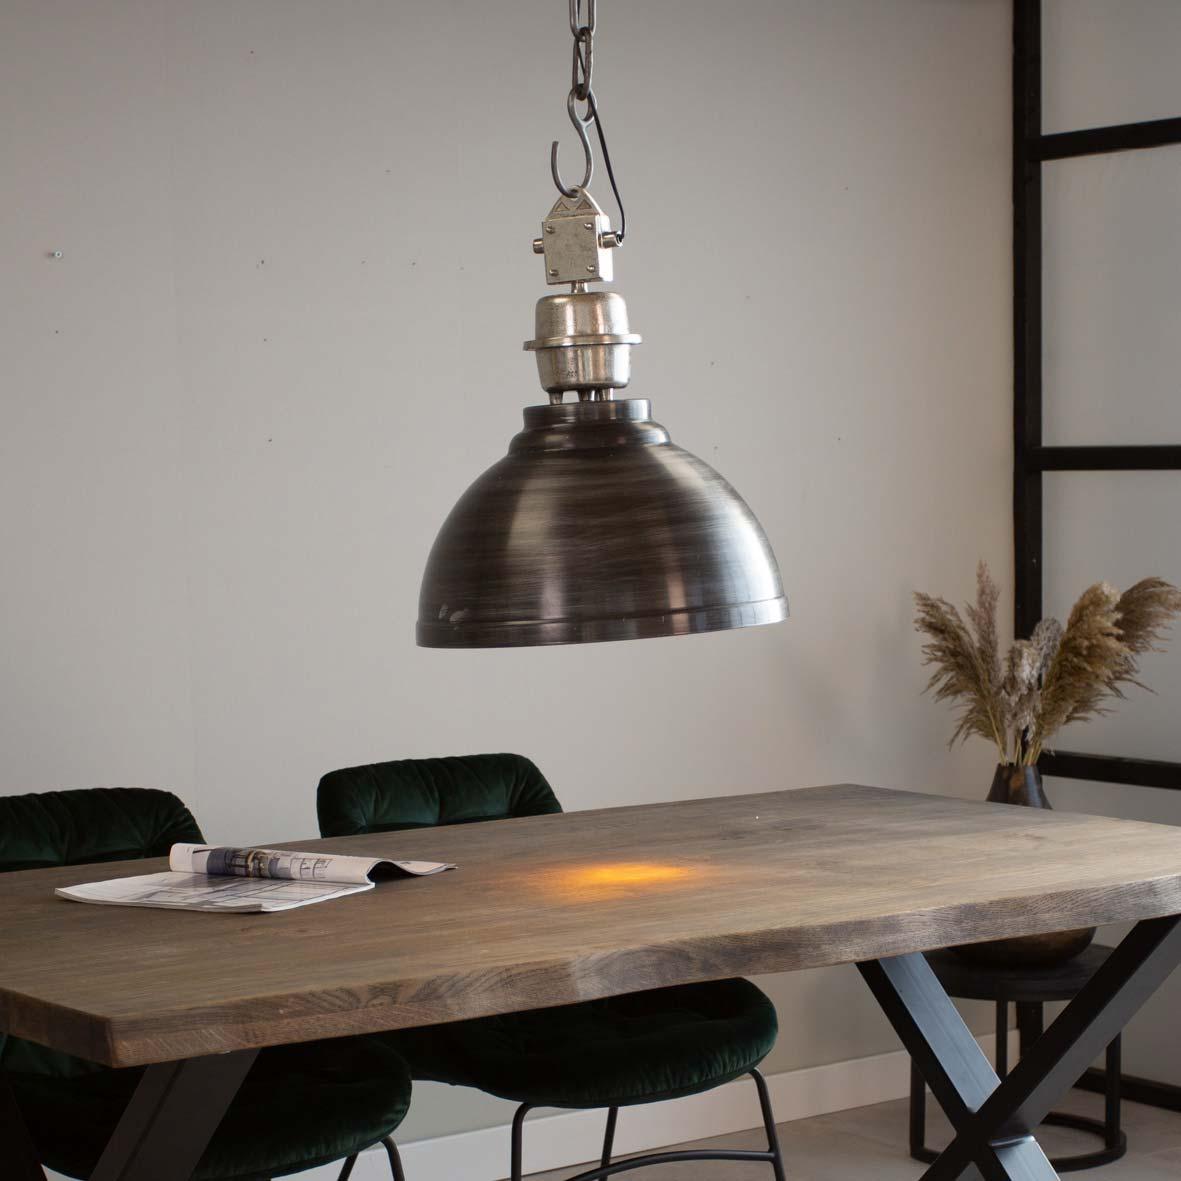 industriële hanglamp boven eettafel